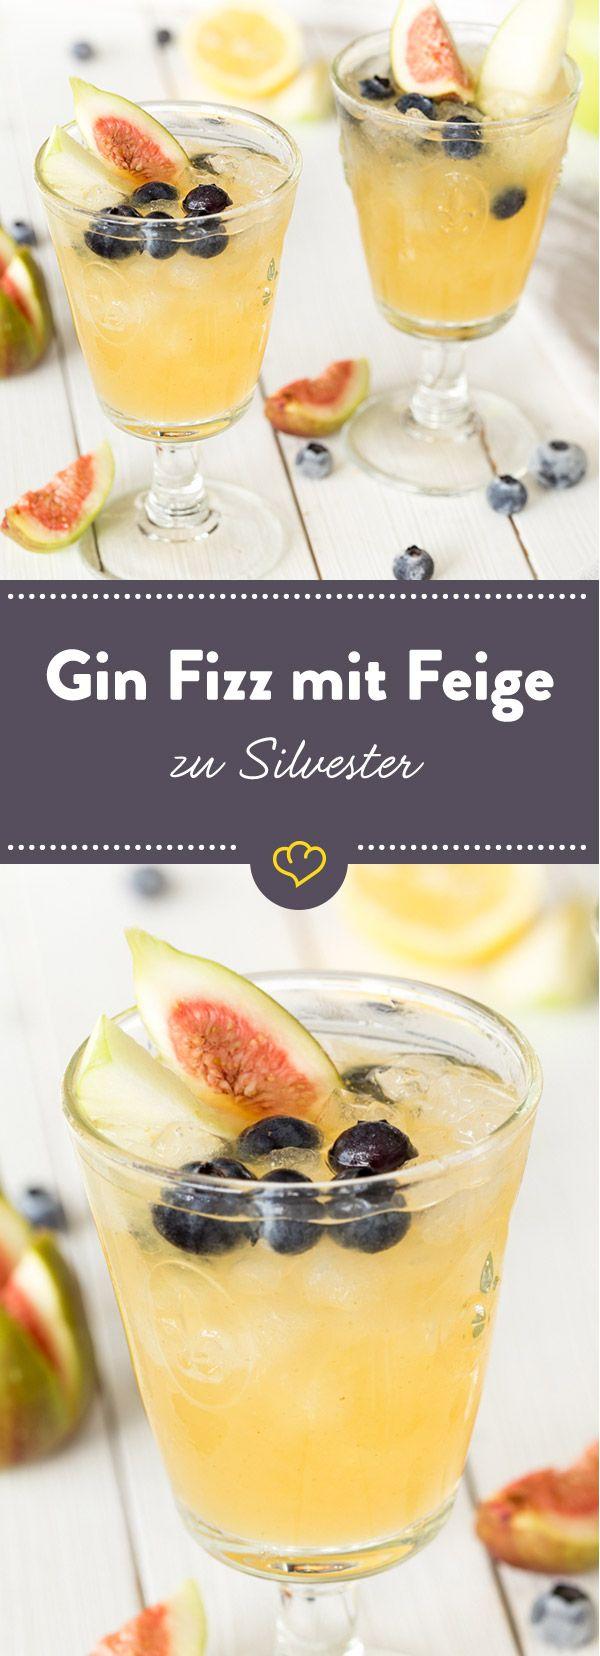 Zuerst waren da Hugo und Helga, dann Inge und jetzt dieser köstliche Ginn Fizz mit Feigen. Fruchtiger Klassiker mit Lieblingscocktail-Potenzial.